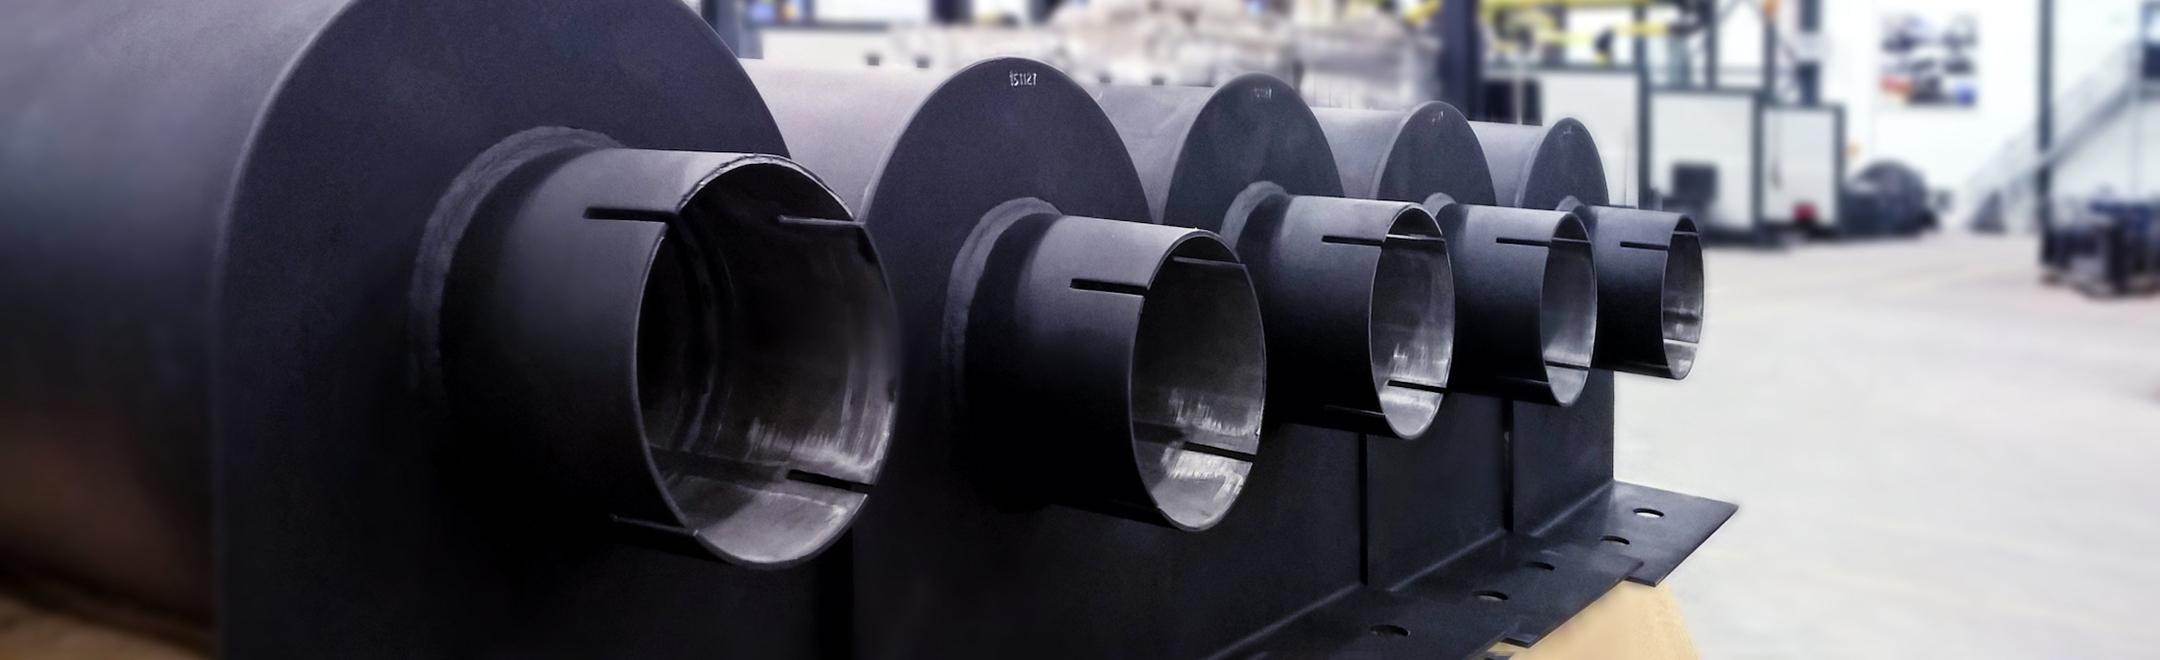 TIO BV Produkten - Standaard geluiddempers